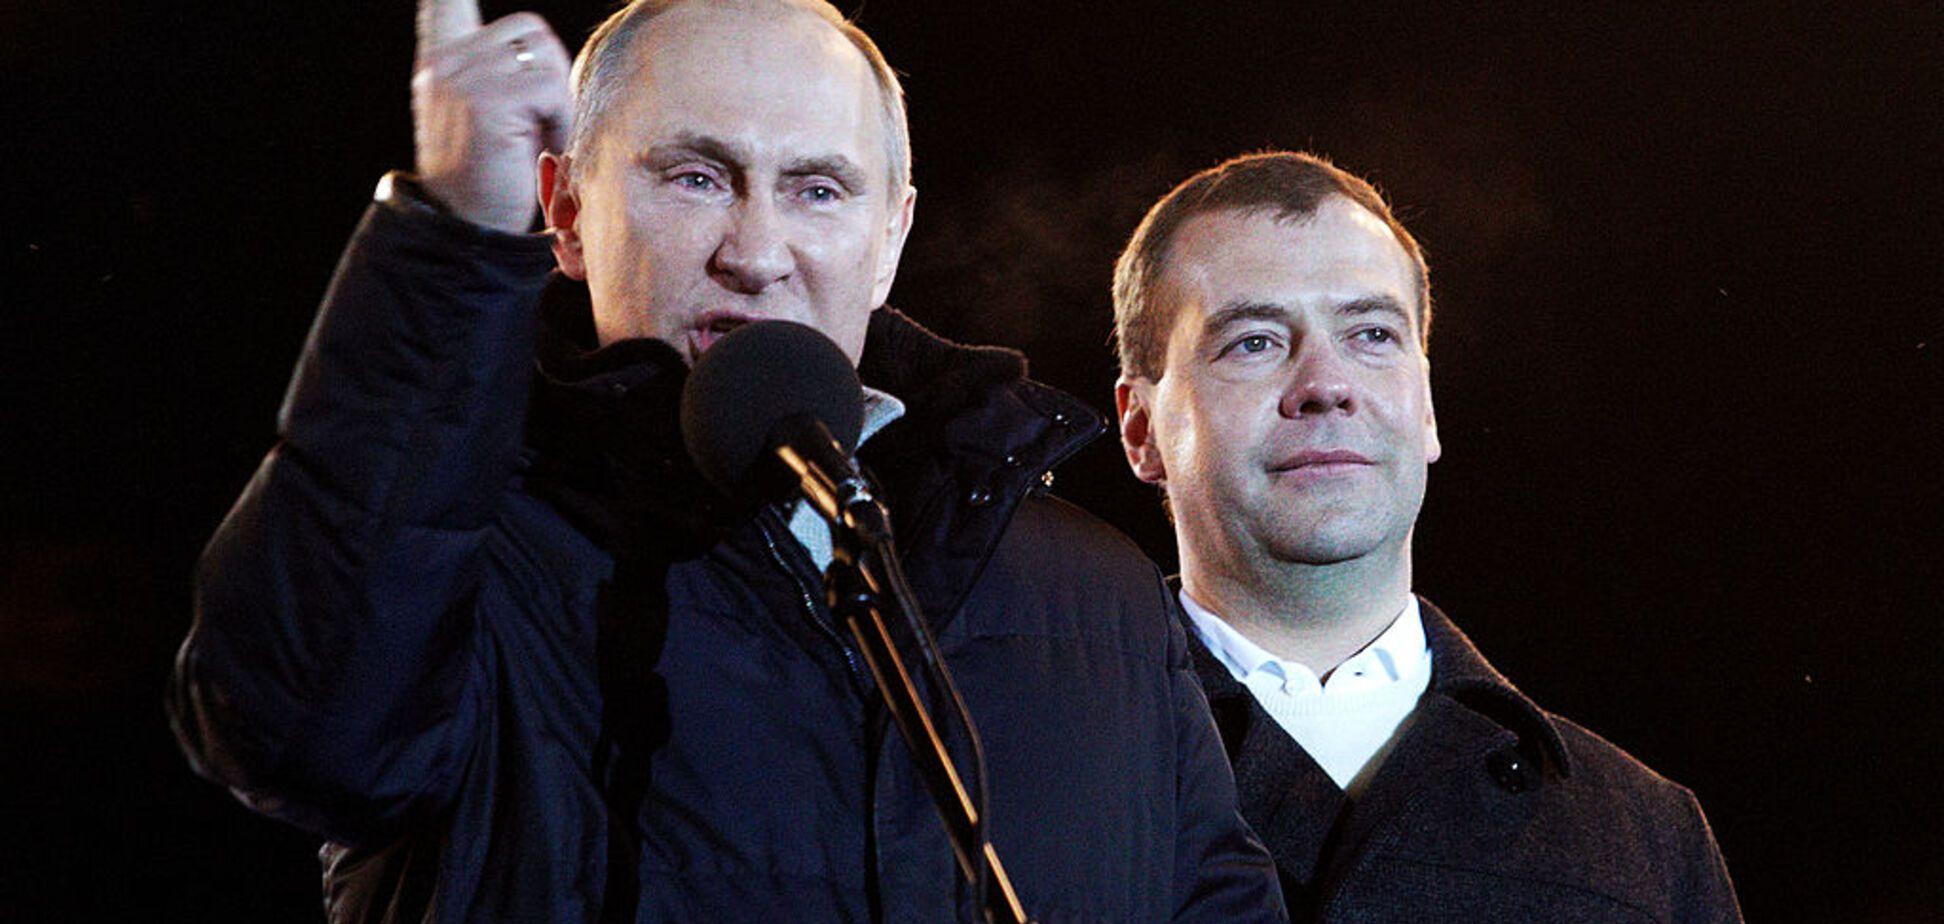 Фото топлесс недостаточно: в Украине озвучен план победы Путина на выборах